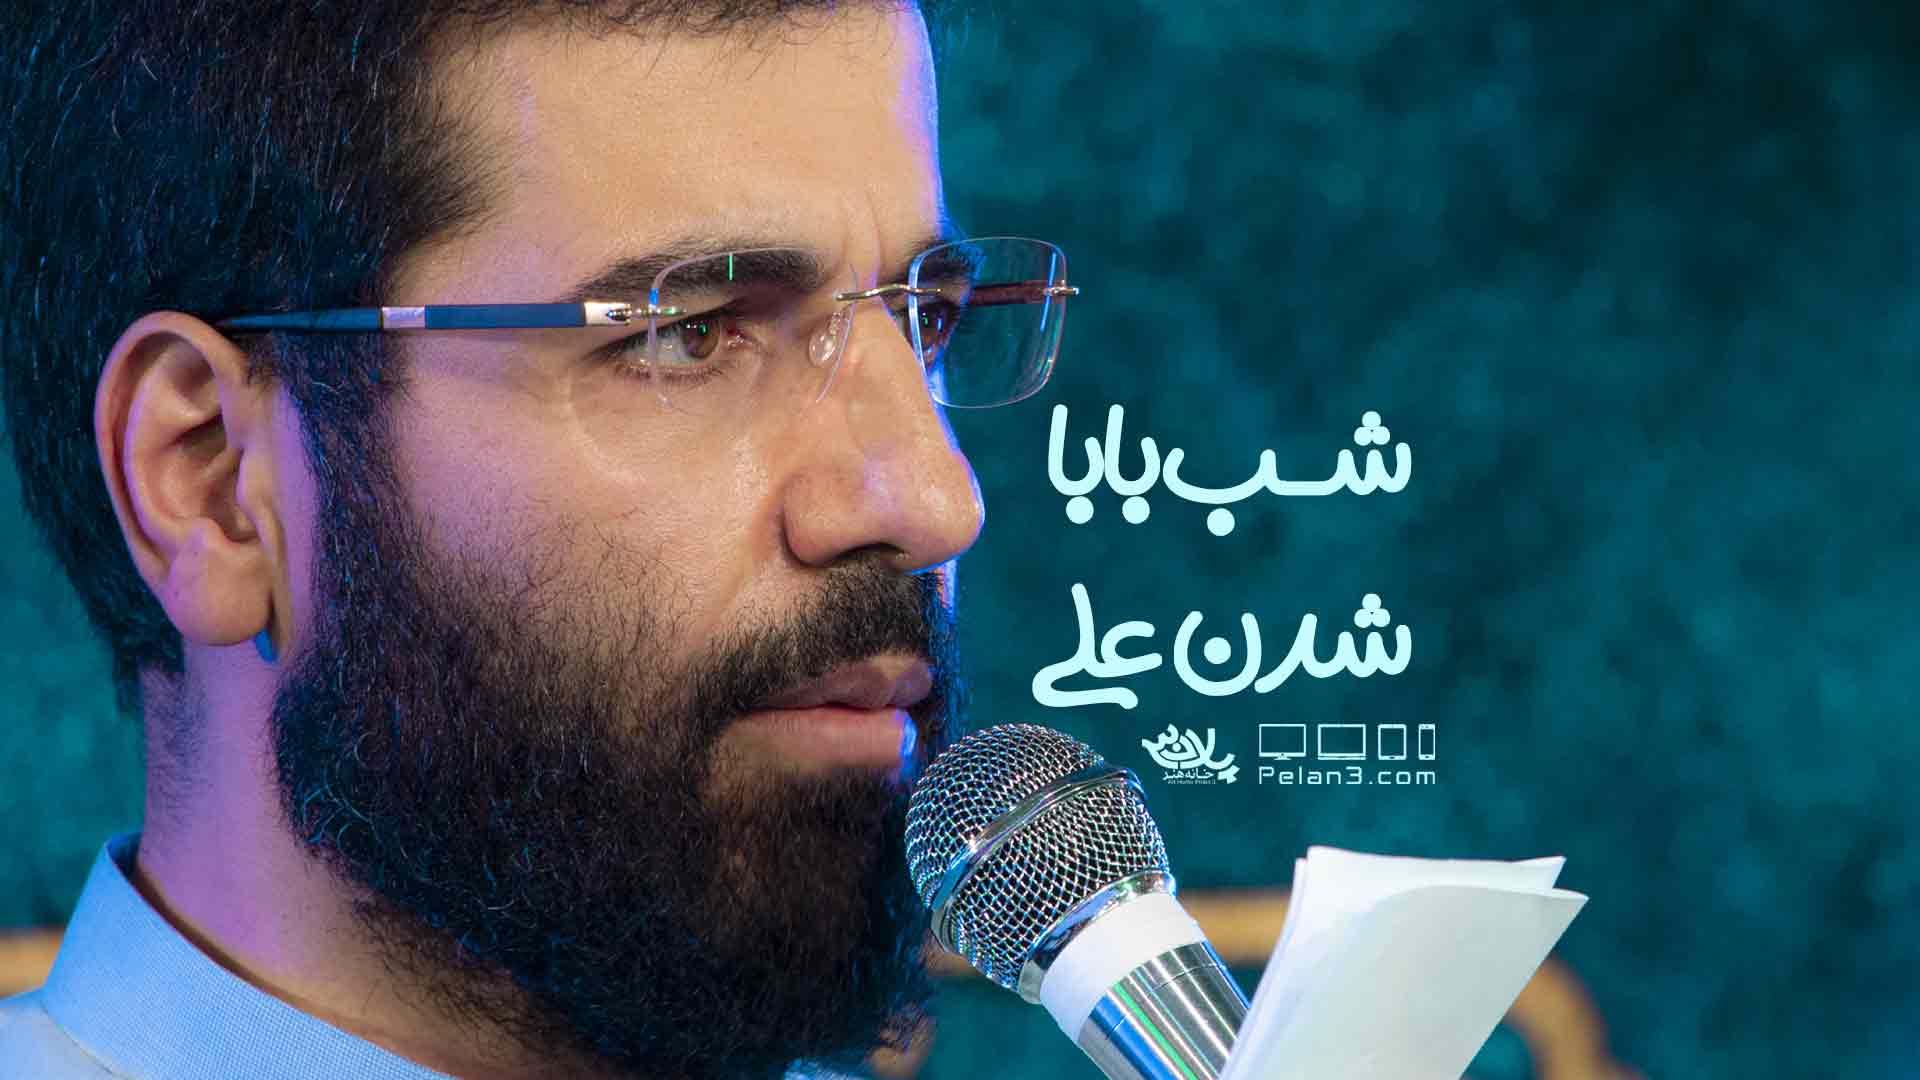 شب بابا شدن علی حسین سیب سرخی